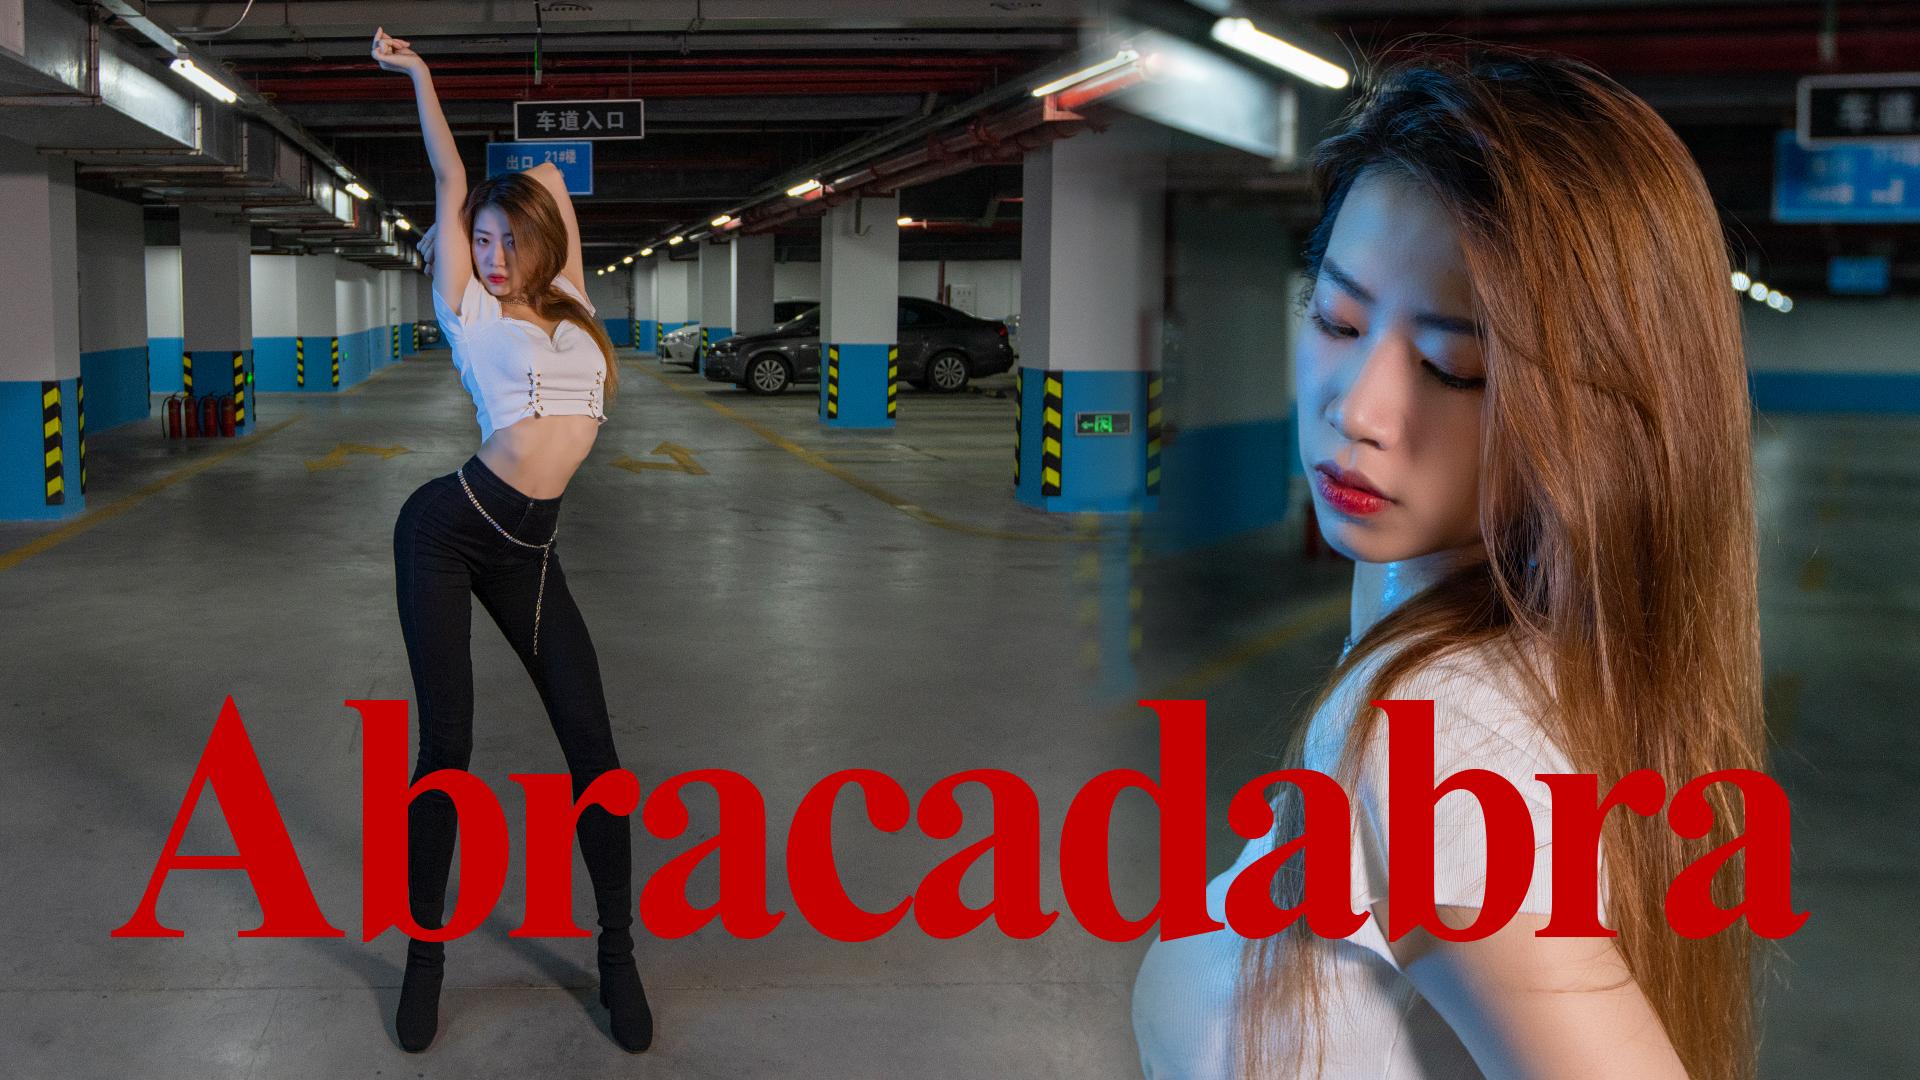 【独家◈子怡】Abracadabra~姨母团傲慢舞